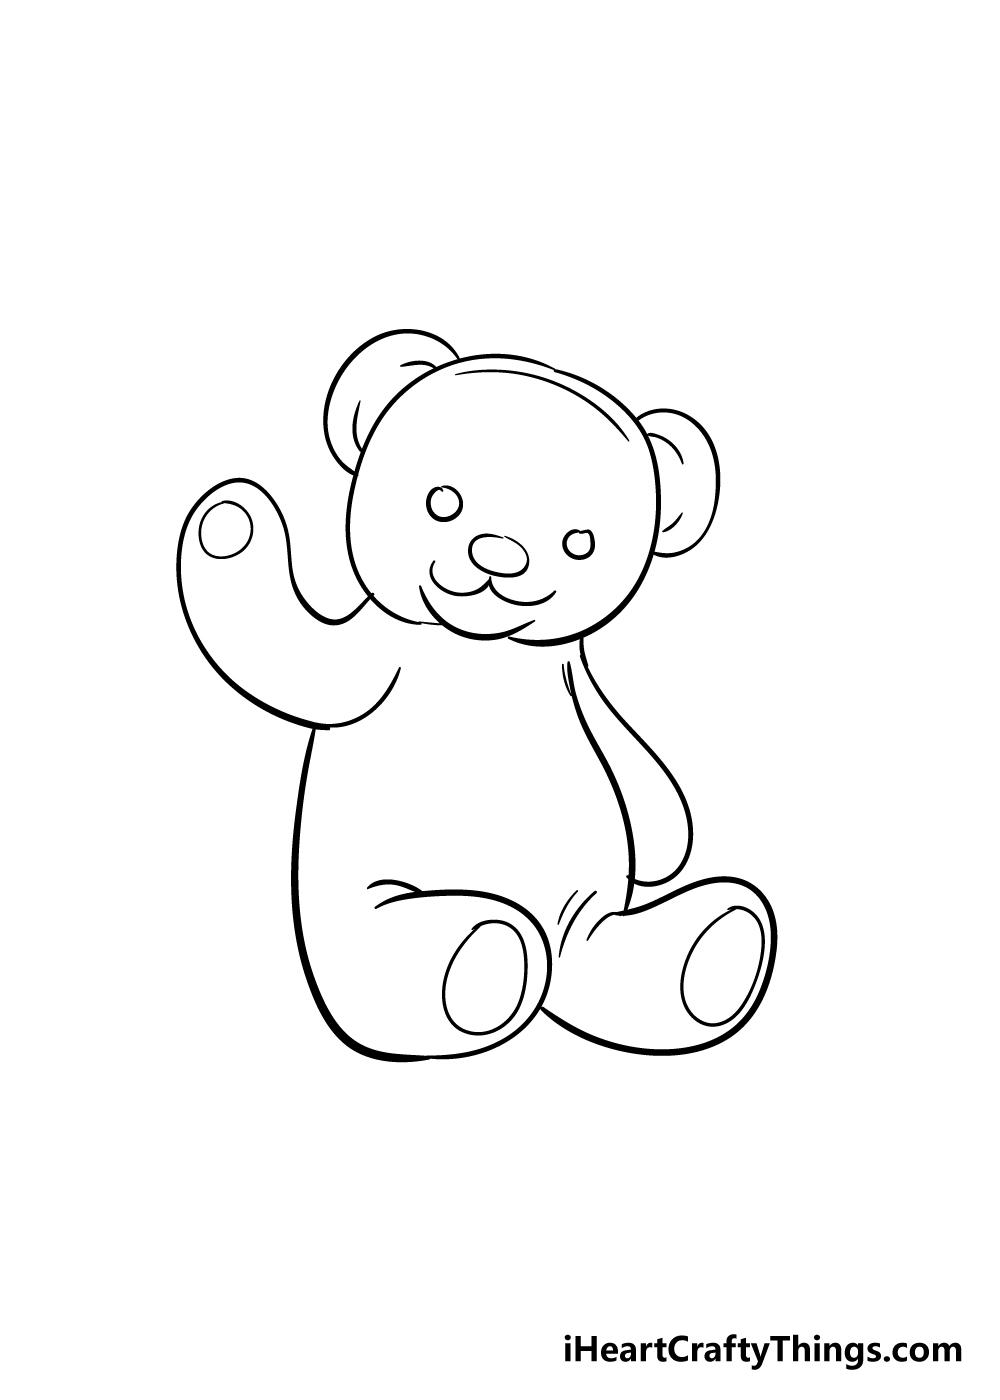 teddy bear drawing step 8